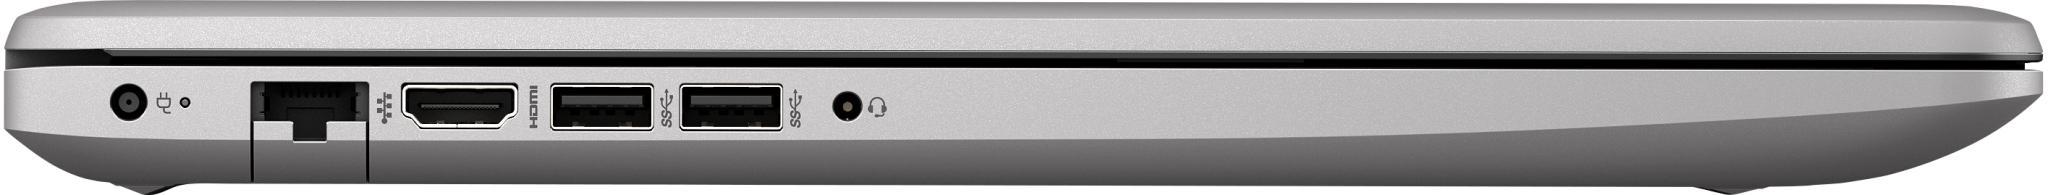 Notebook Hp Probook 470 G7 17.3 Full Hd Intel Core I7-10510u Radeon 530-2gb Ram 8gb Ssd 256gb Windows 10 Pro Argintiu